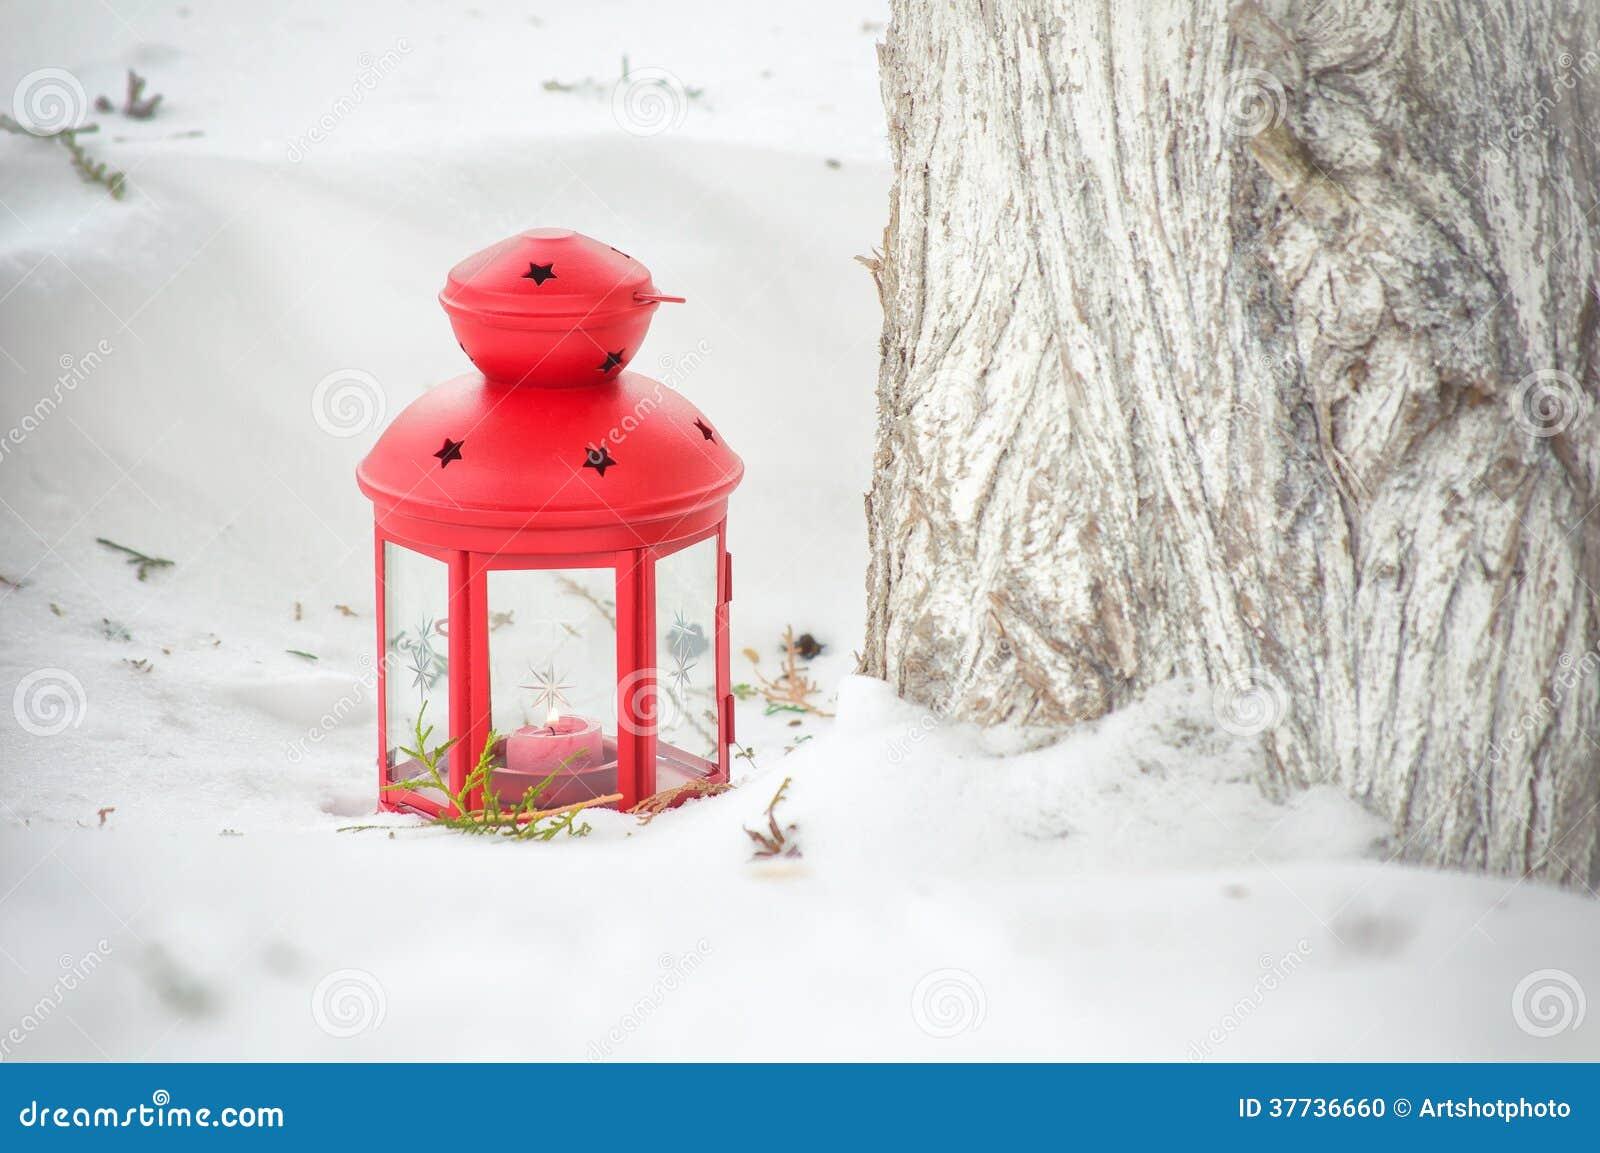 lanterne rouge avec la bougie allum e dans la neige photo stock image 37736660. Black Bedroom Furniture Sets. Home Design Ideas